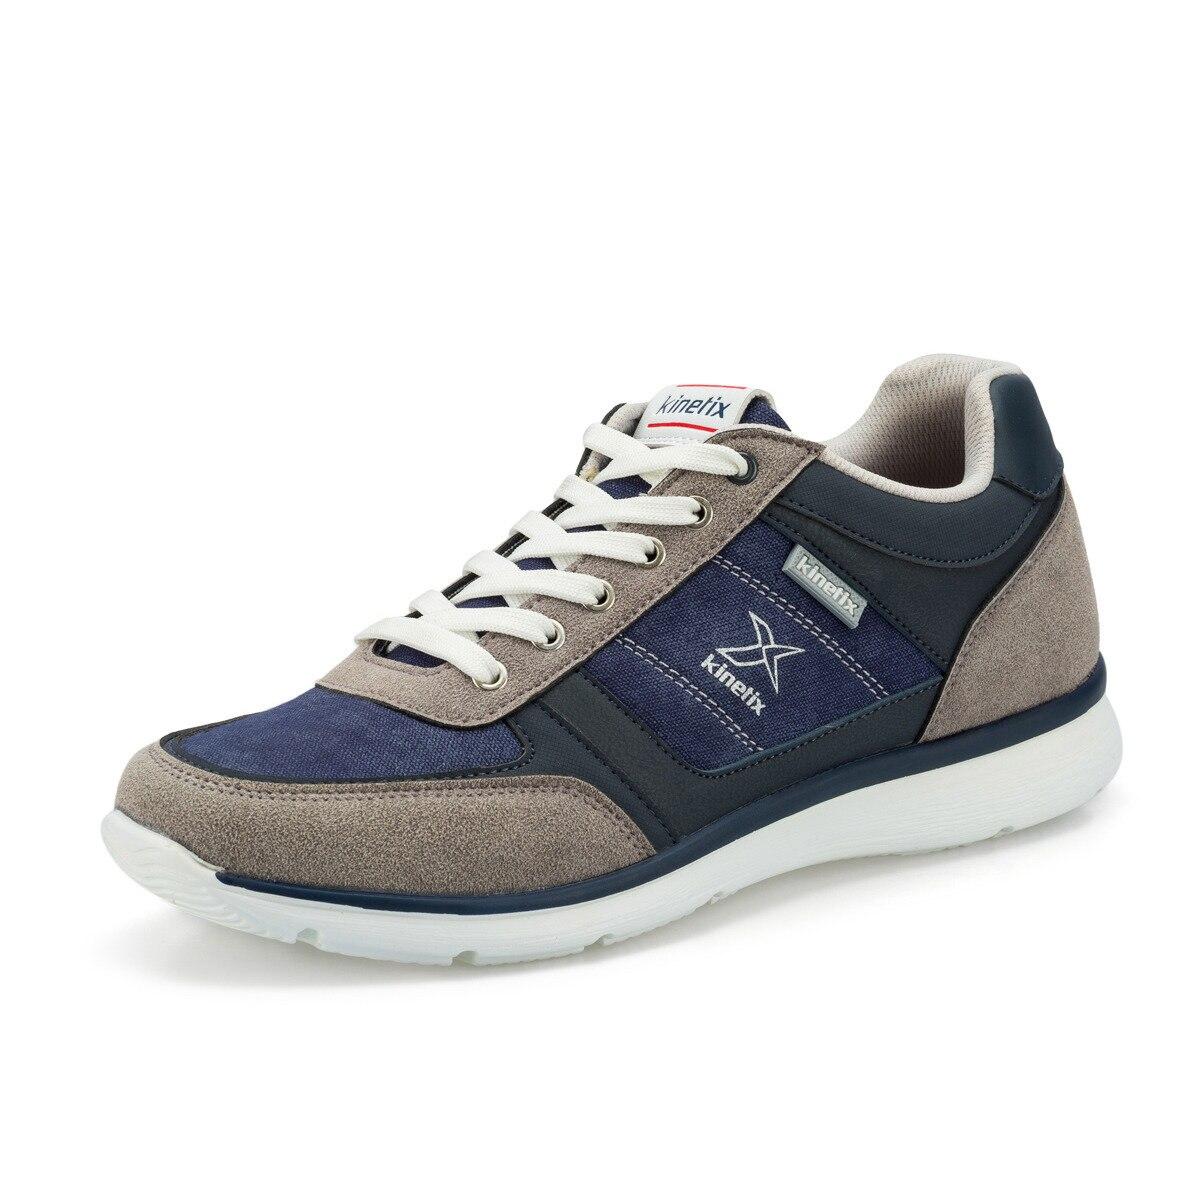 FLO EDGAR Navy Blue Men 'S Sports Shoes KINETIX